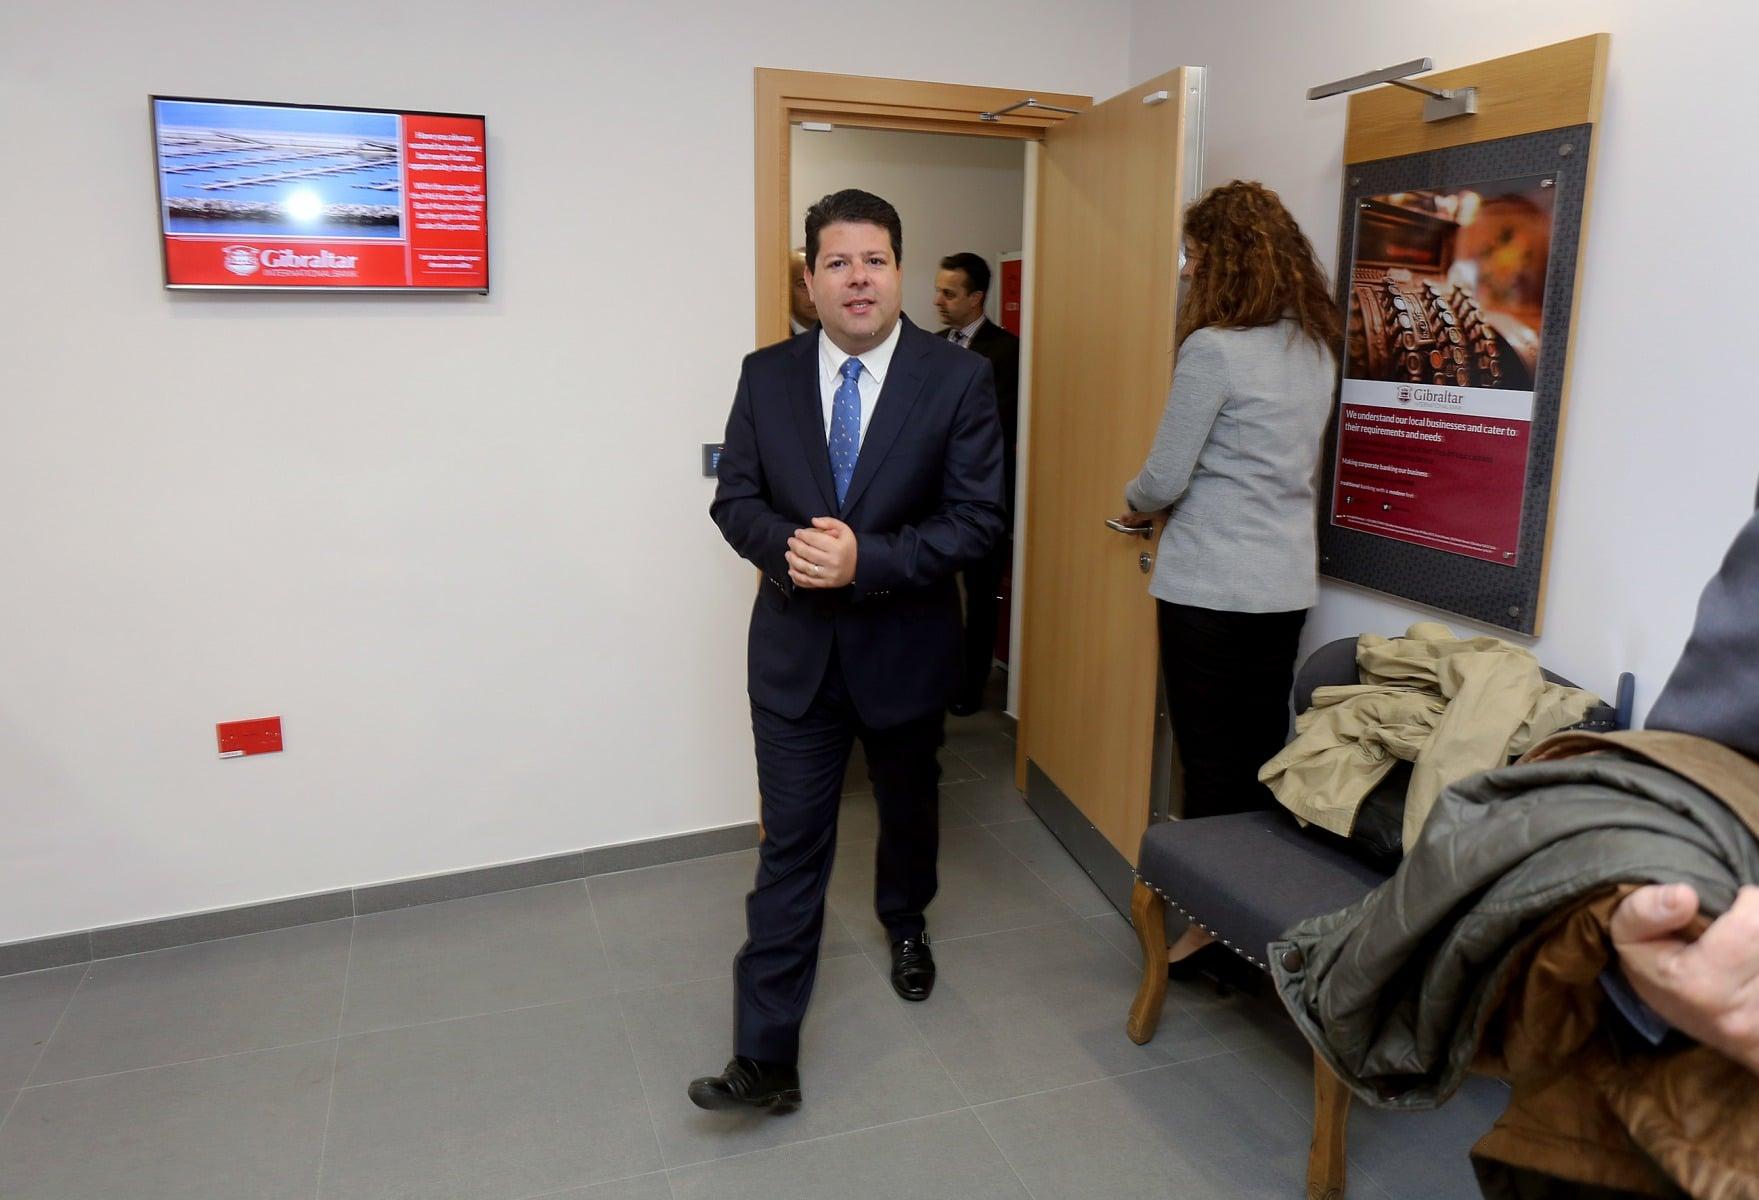 4-abr-2016-inauguracin-nueva-sede-banco-internacional-de-gibraltar-15_25631990713_o